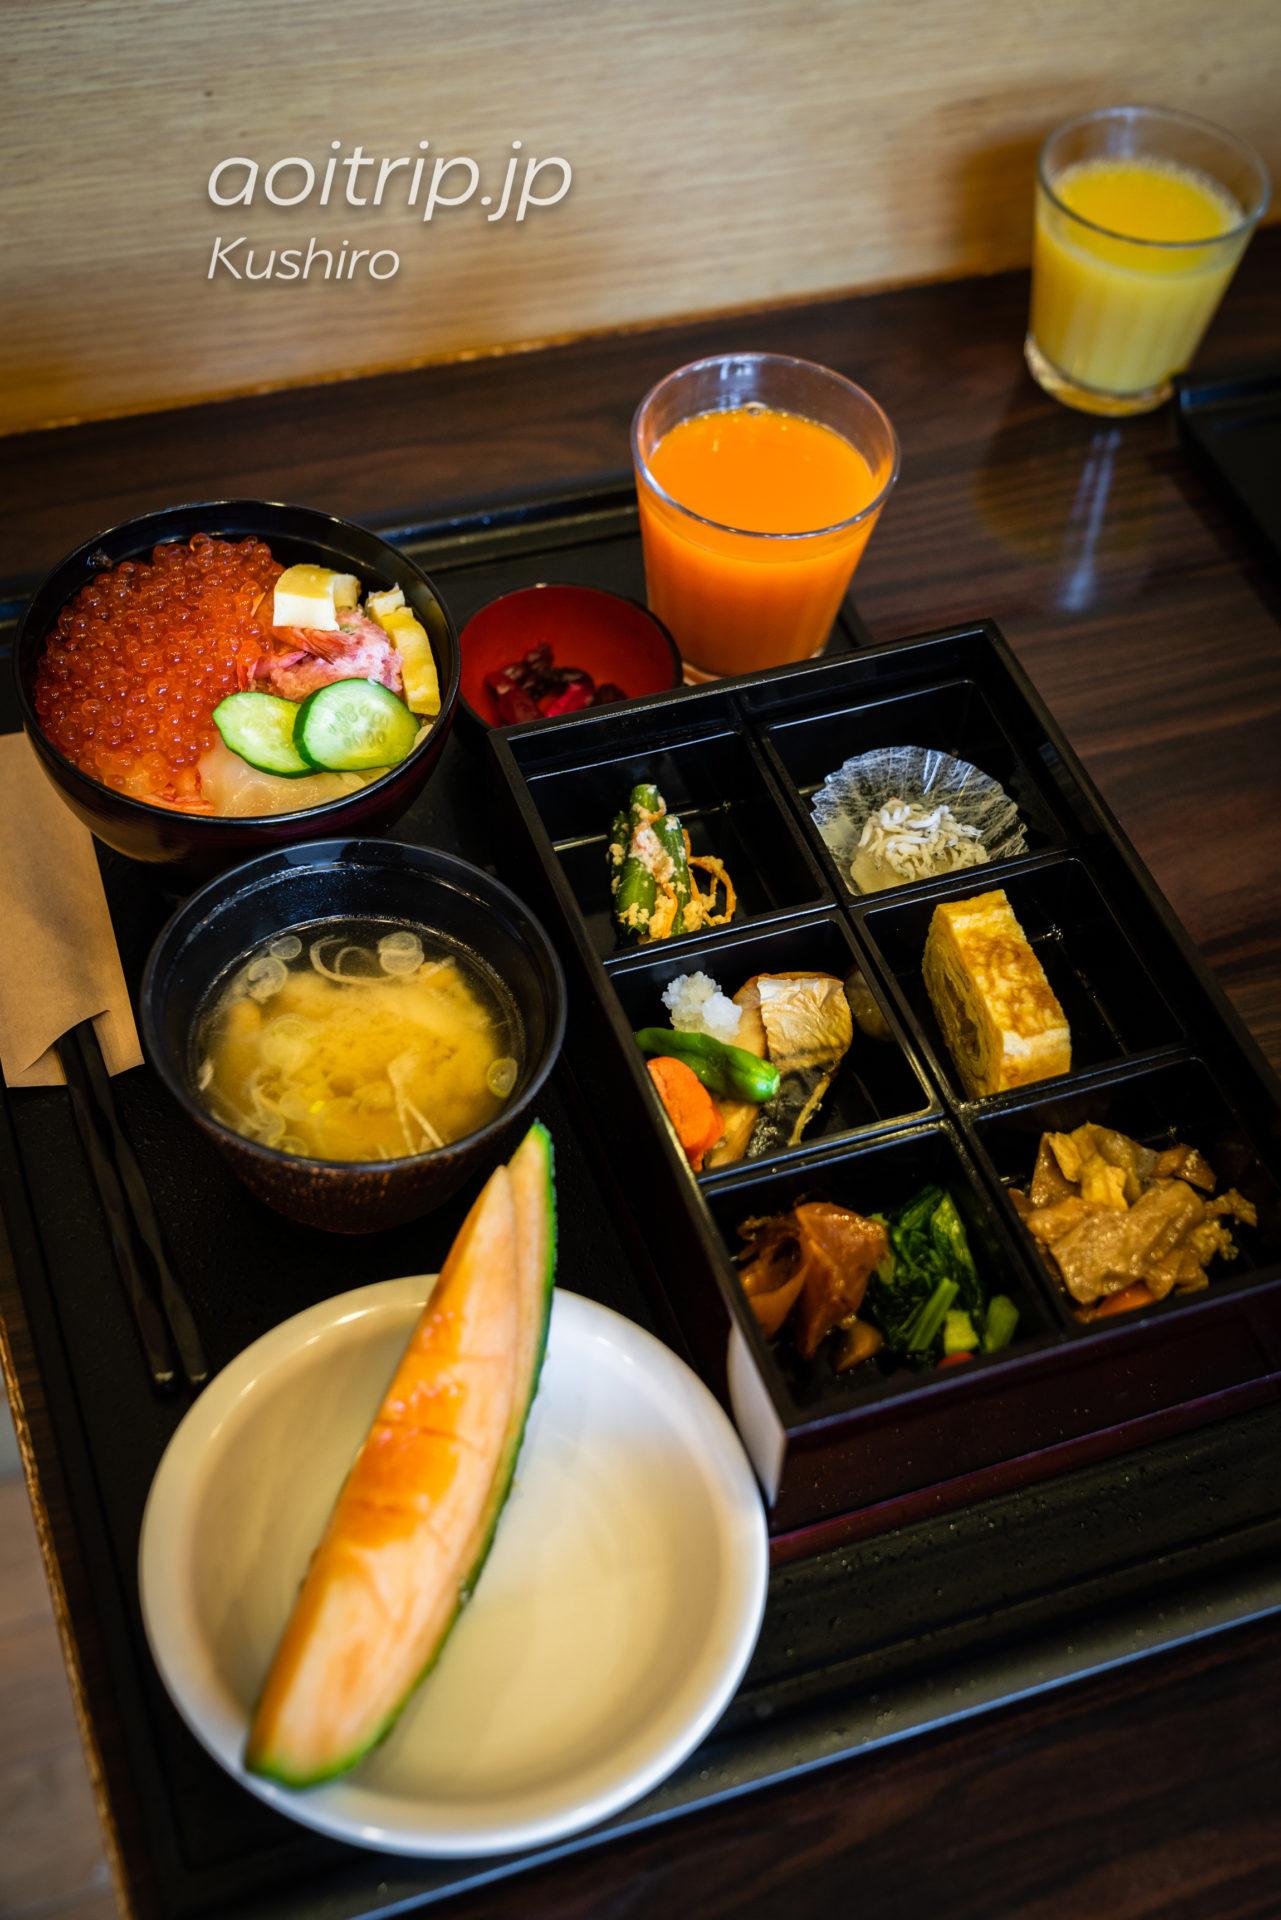 天然温泉 幣舞の湯 ラビスタ釧路川 宿泊記|La Vista Kushirogawa 朝食